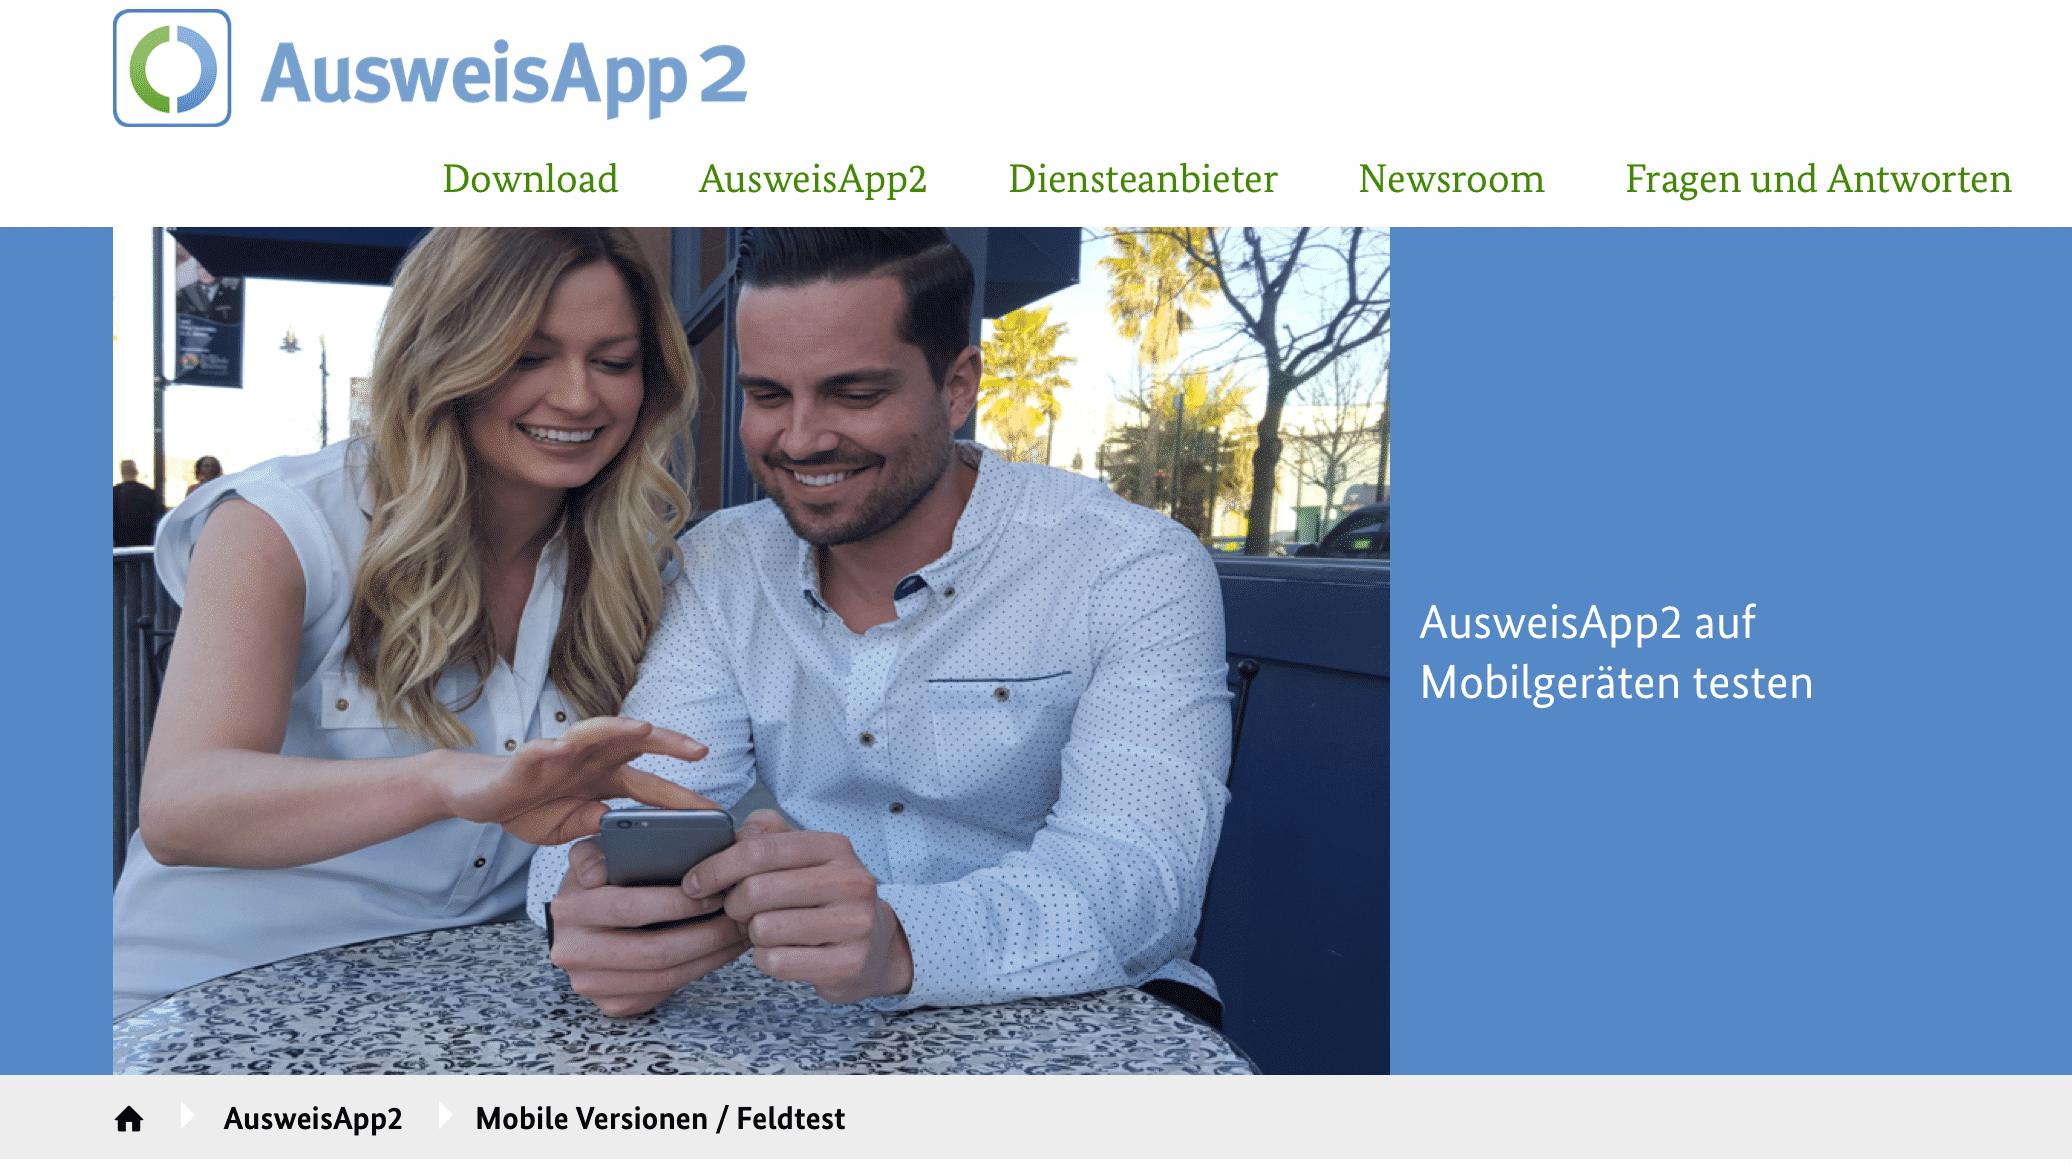 Personalausweis mit eID: AusweisApp2 für iPhone muss ohne NFC auskommen